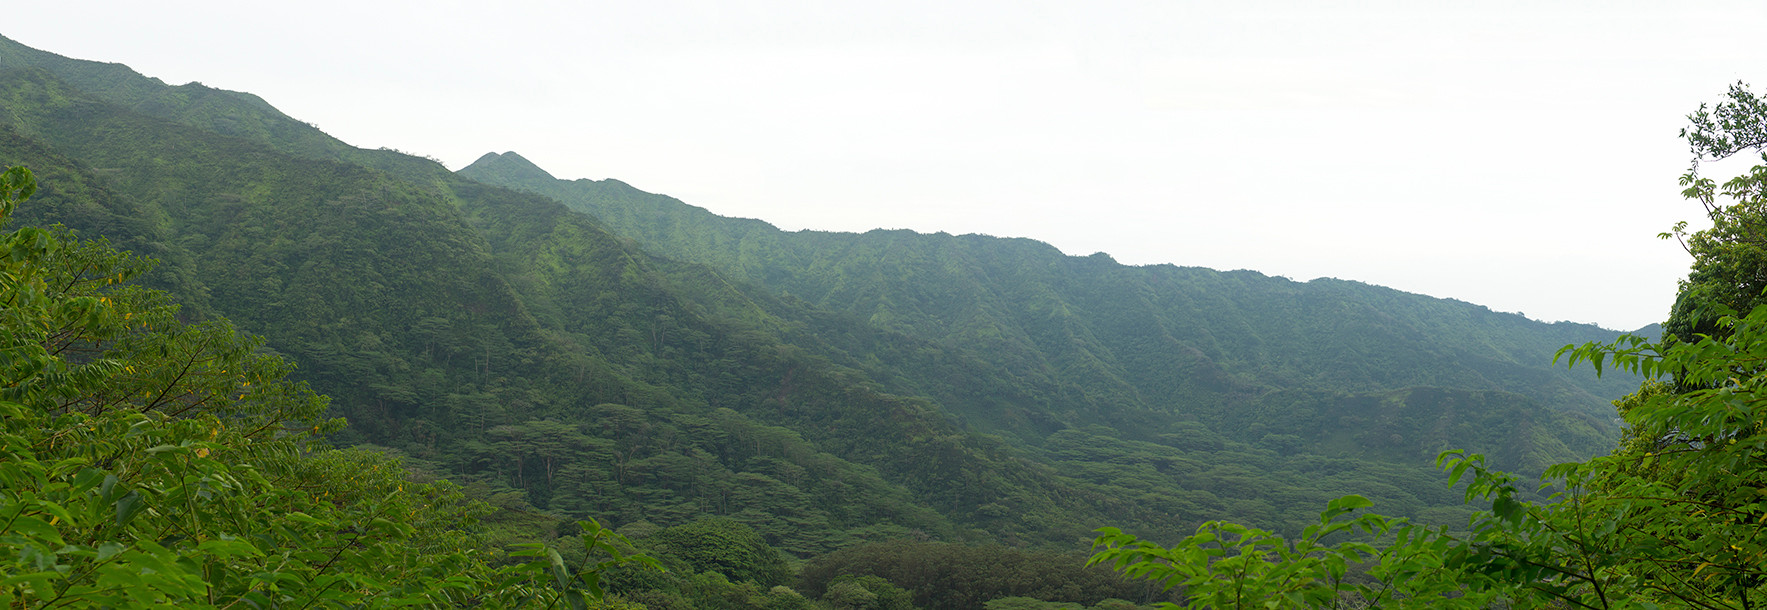 Hawiian Rainforest